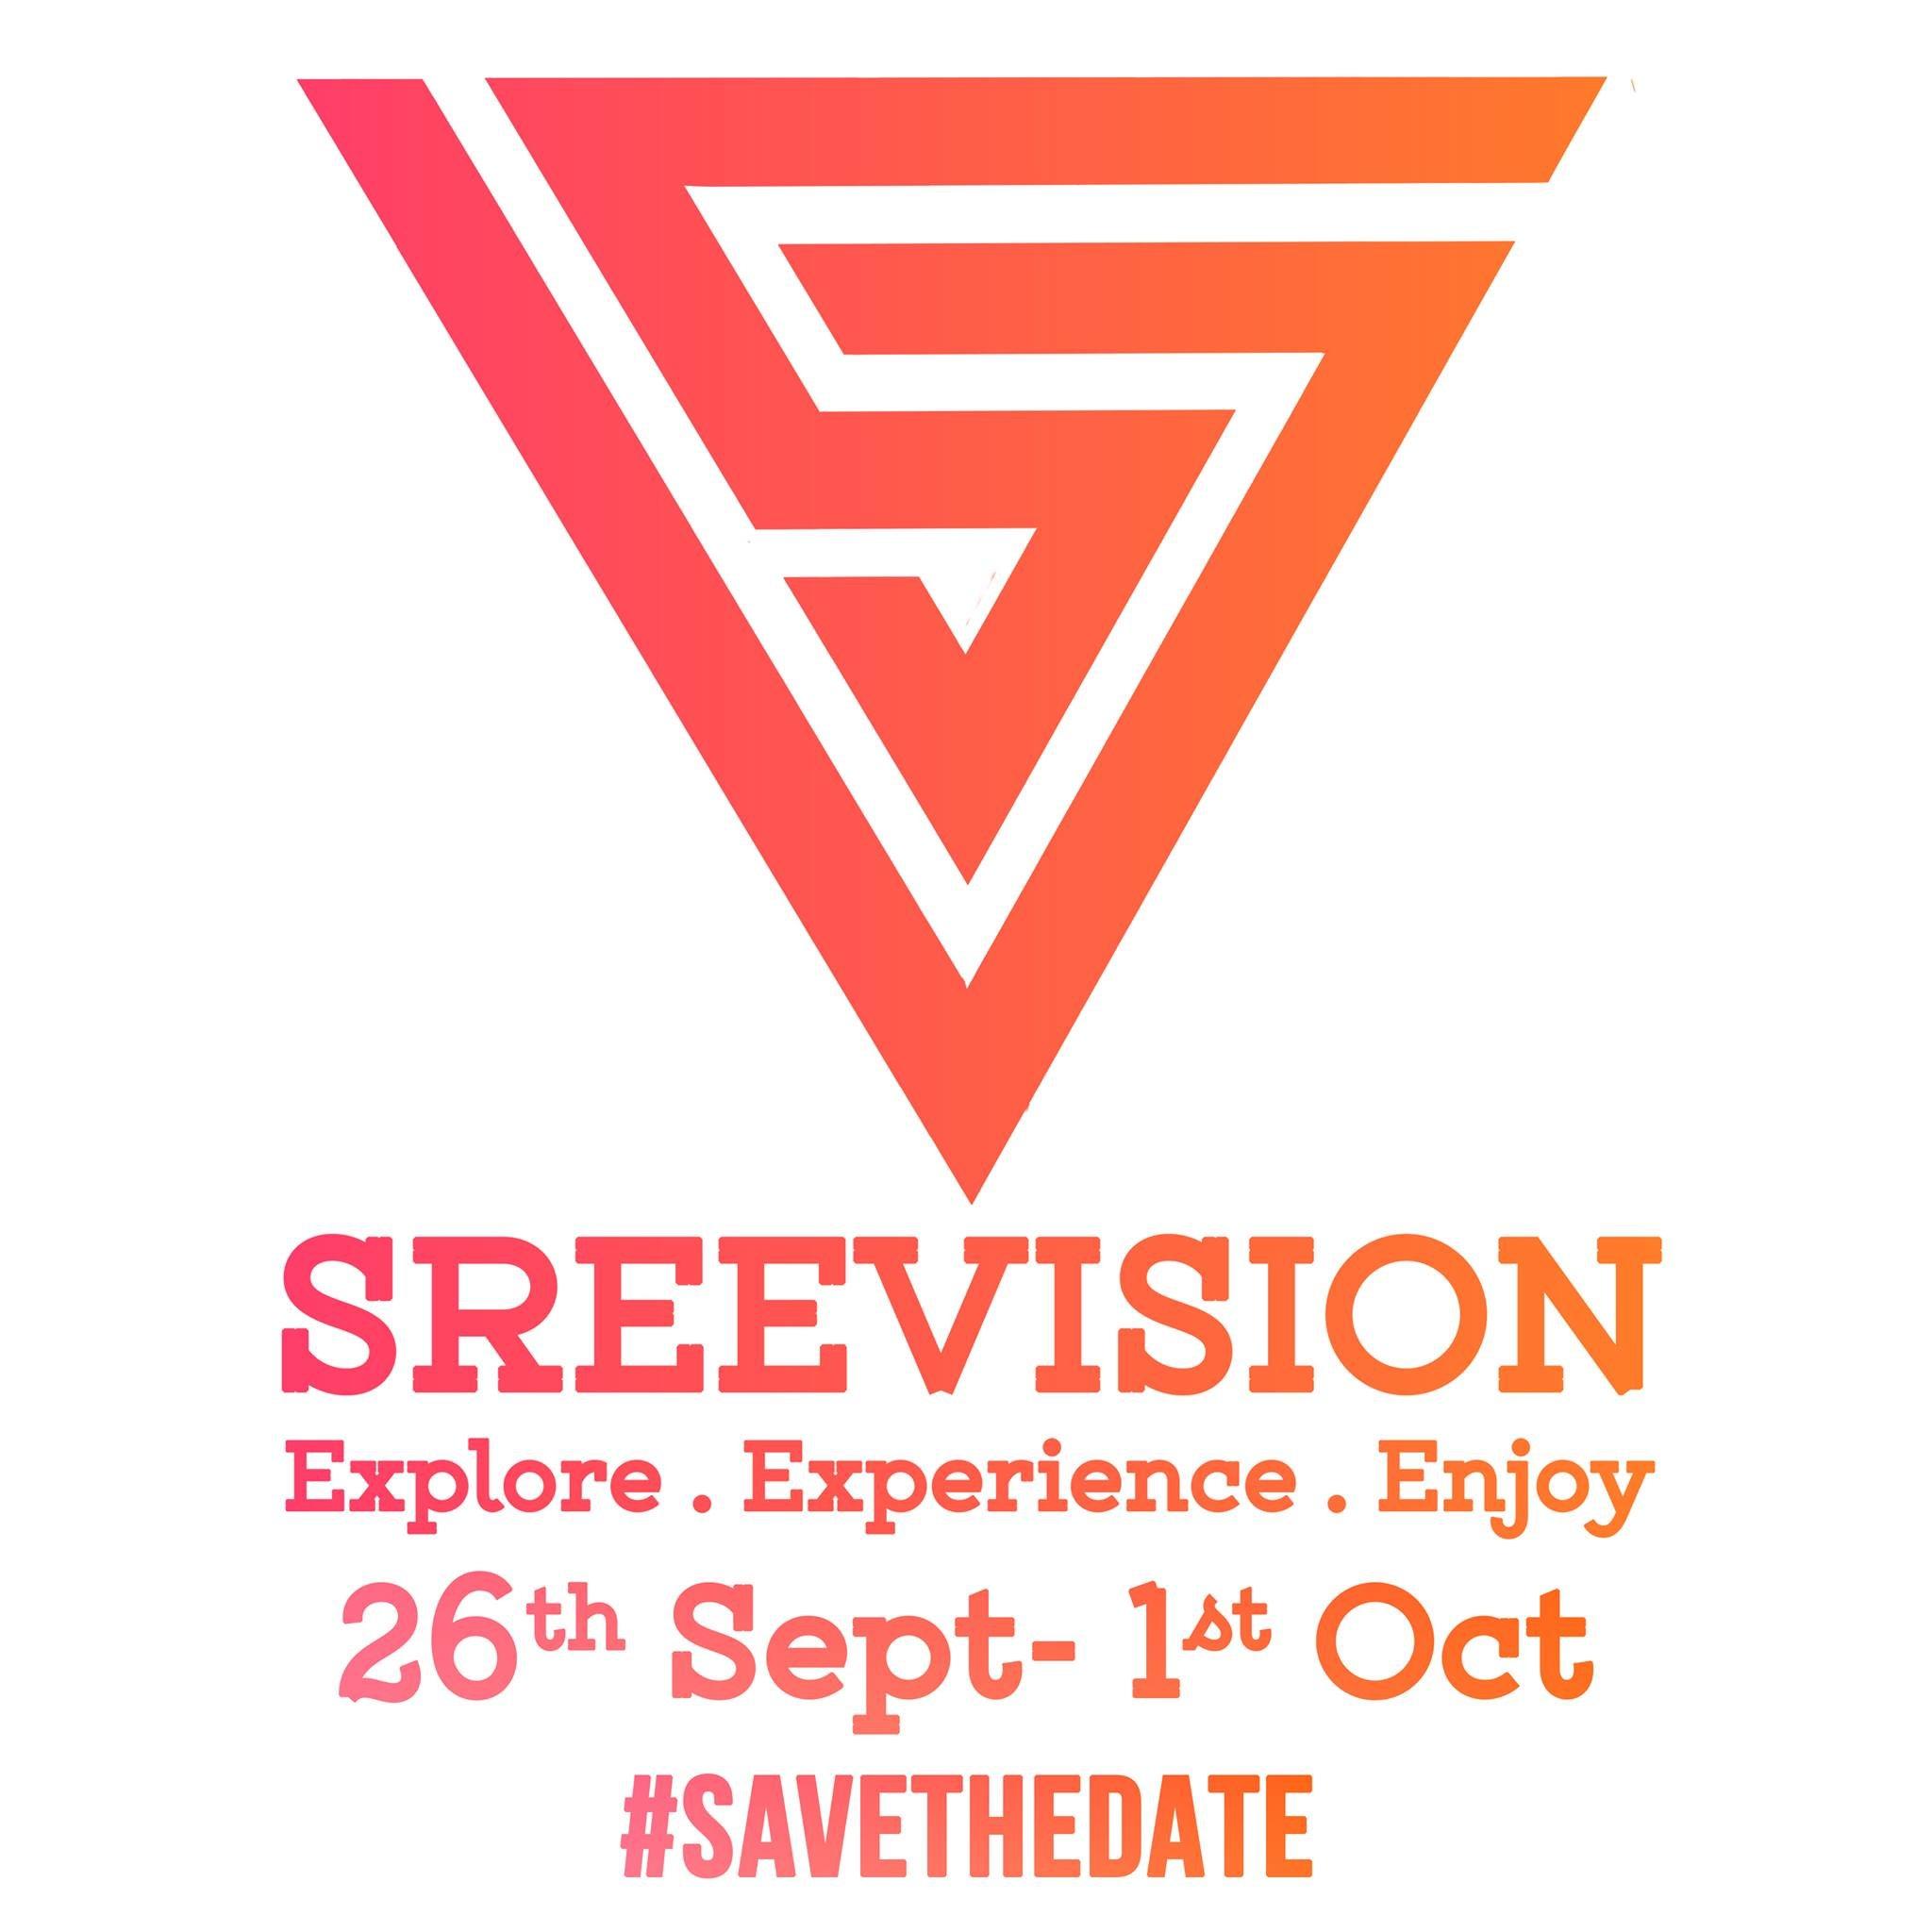 sreevision 16 logo